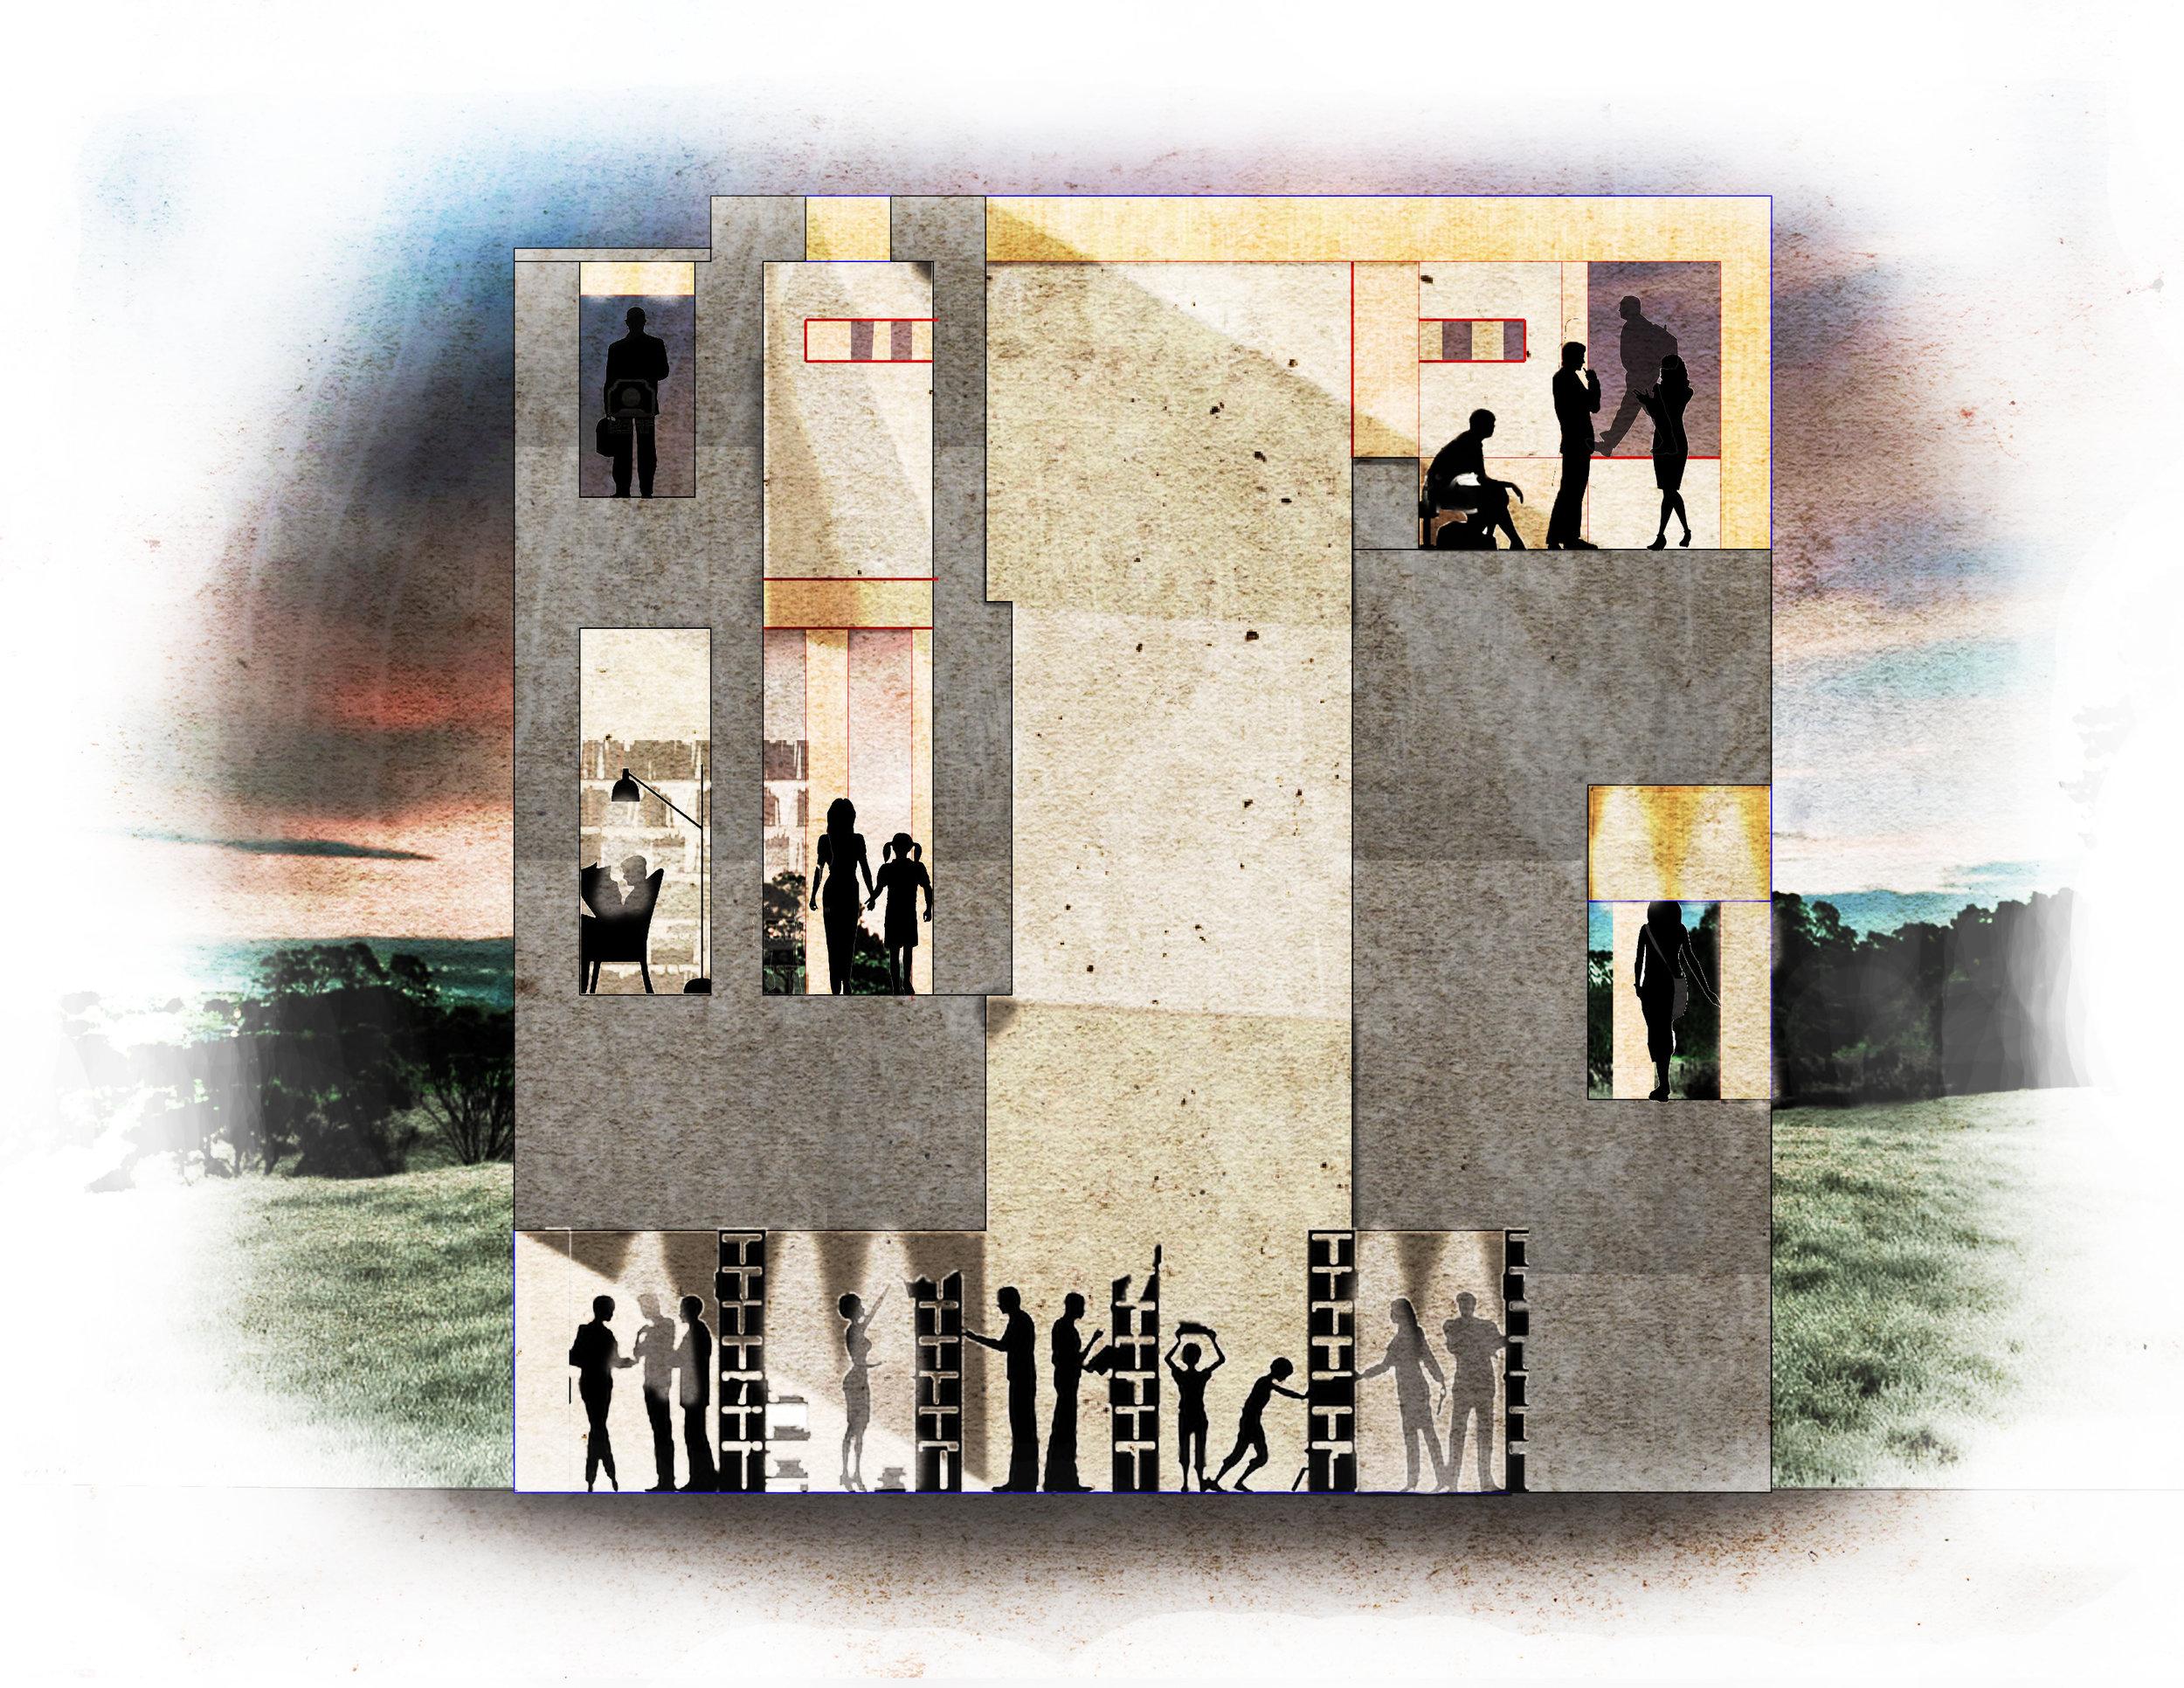 Semester 2 cubeillustrator#1 photoshop2  .jpg